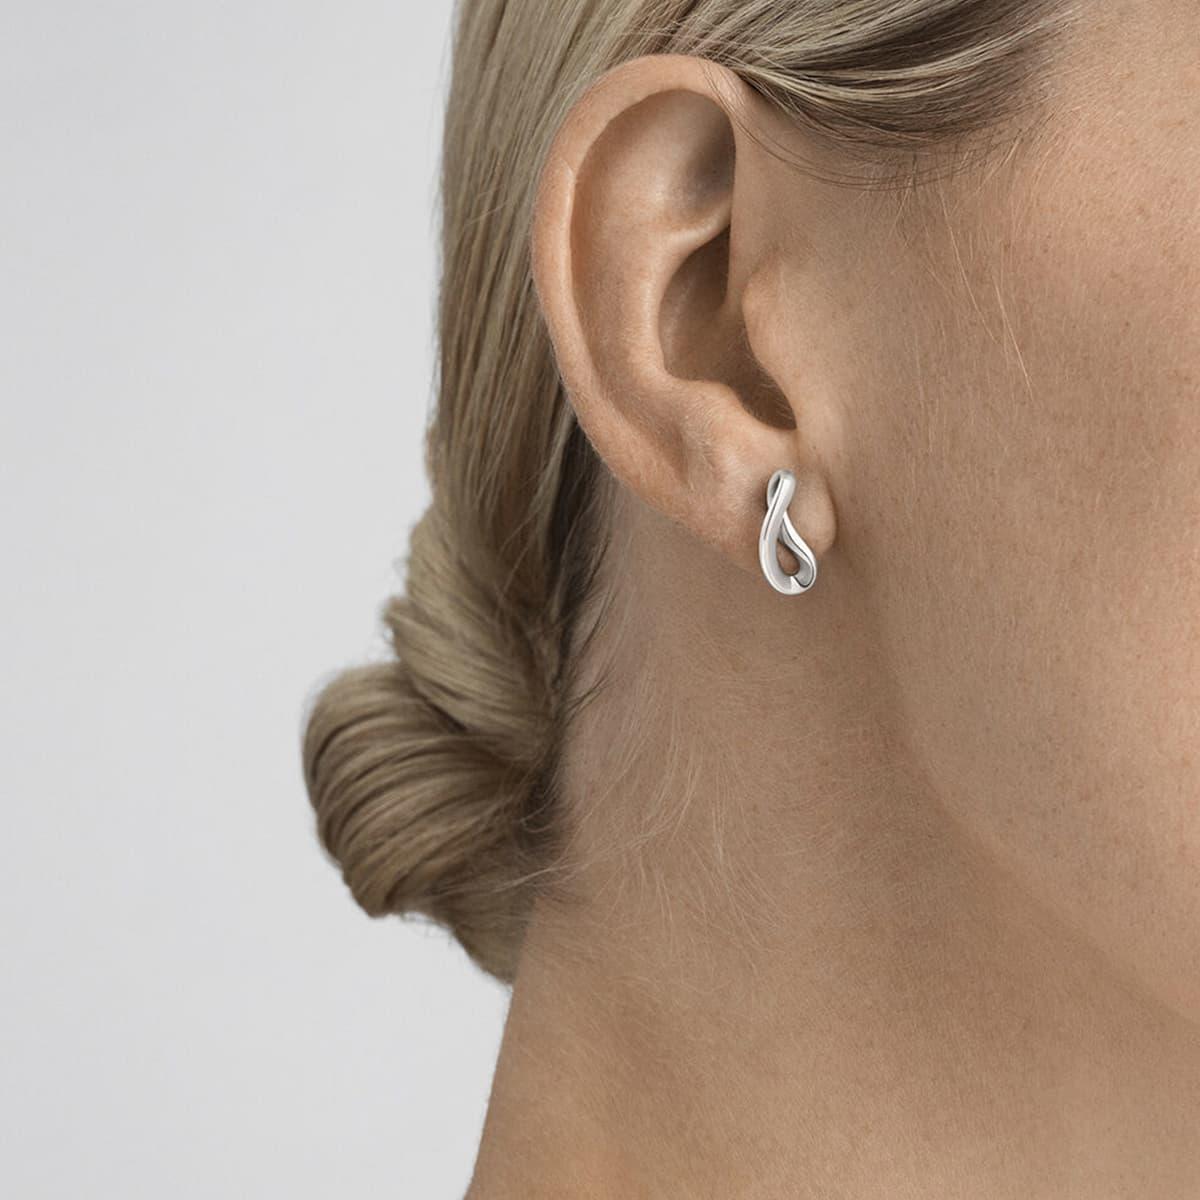 Georg Jensen Infinity Earrings